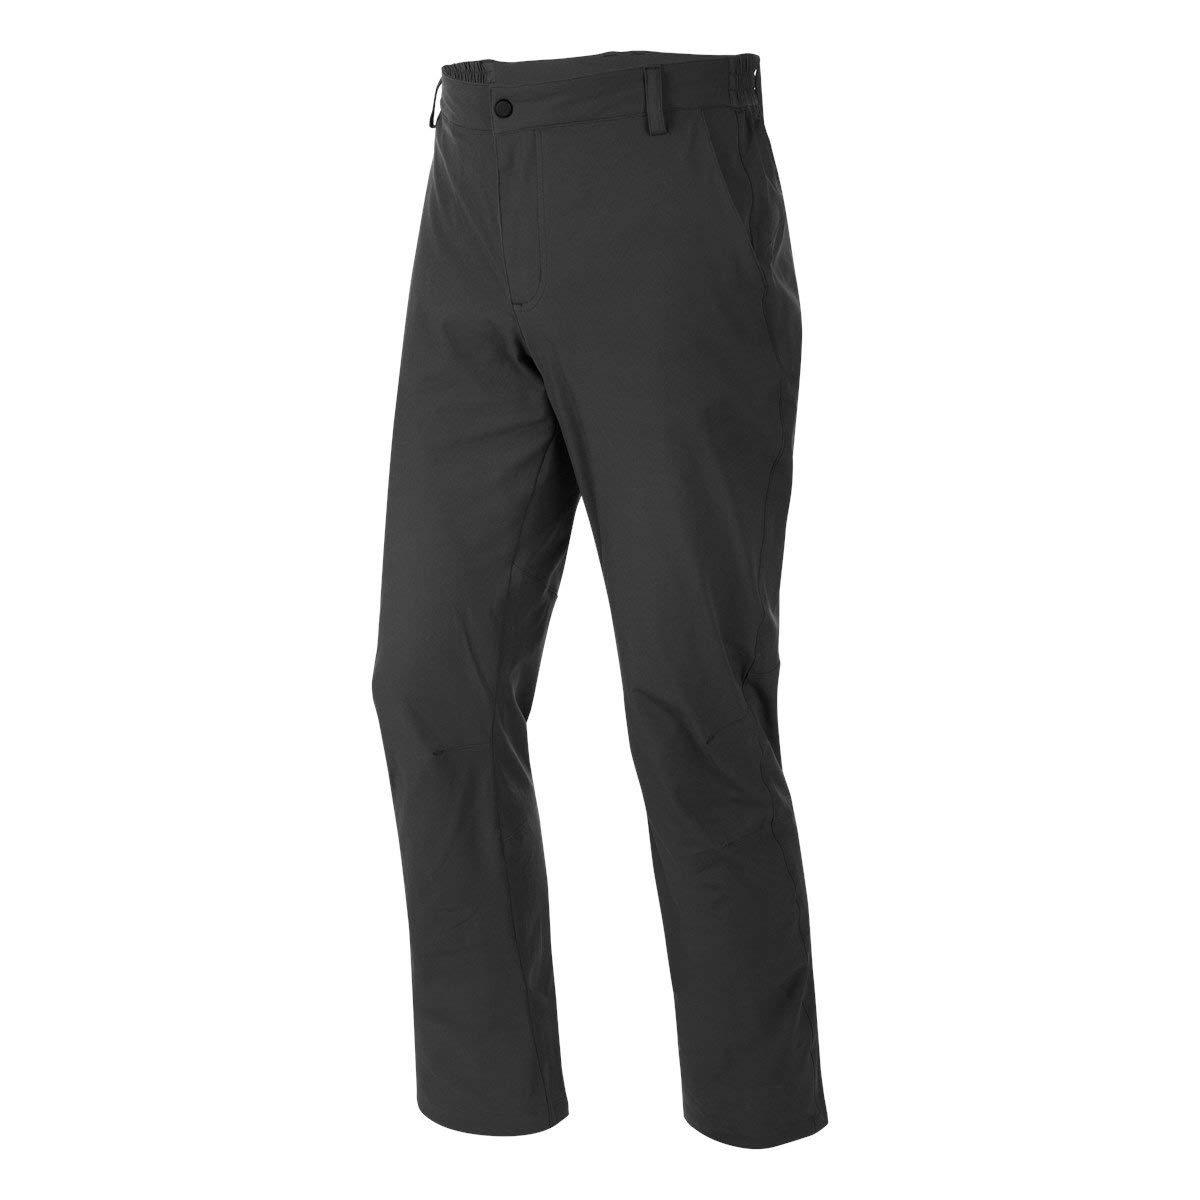 noir (noir Out) 106 (L) Salewa Puez DST M Lon - Pantalon pour Homme, Couleur Noir, Taille